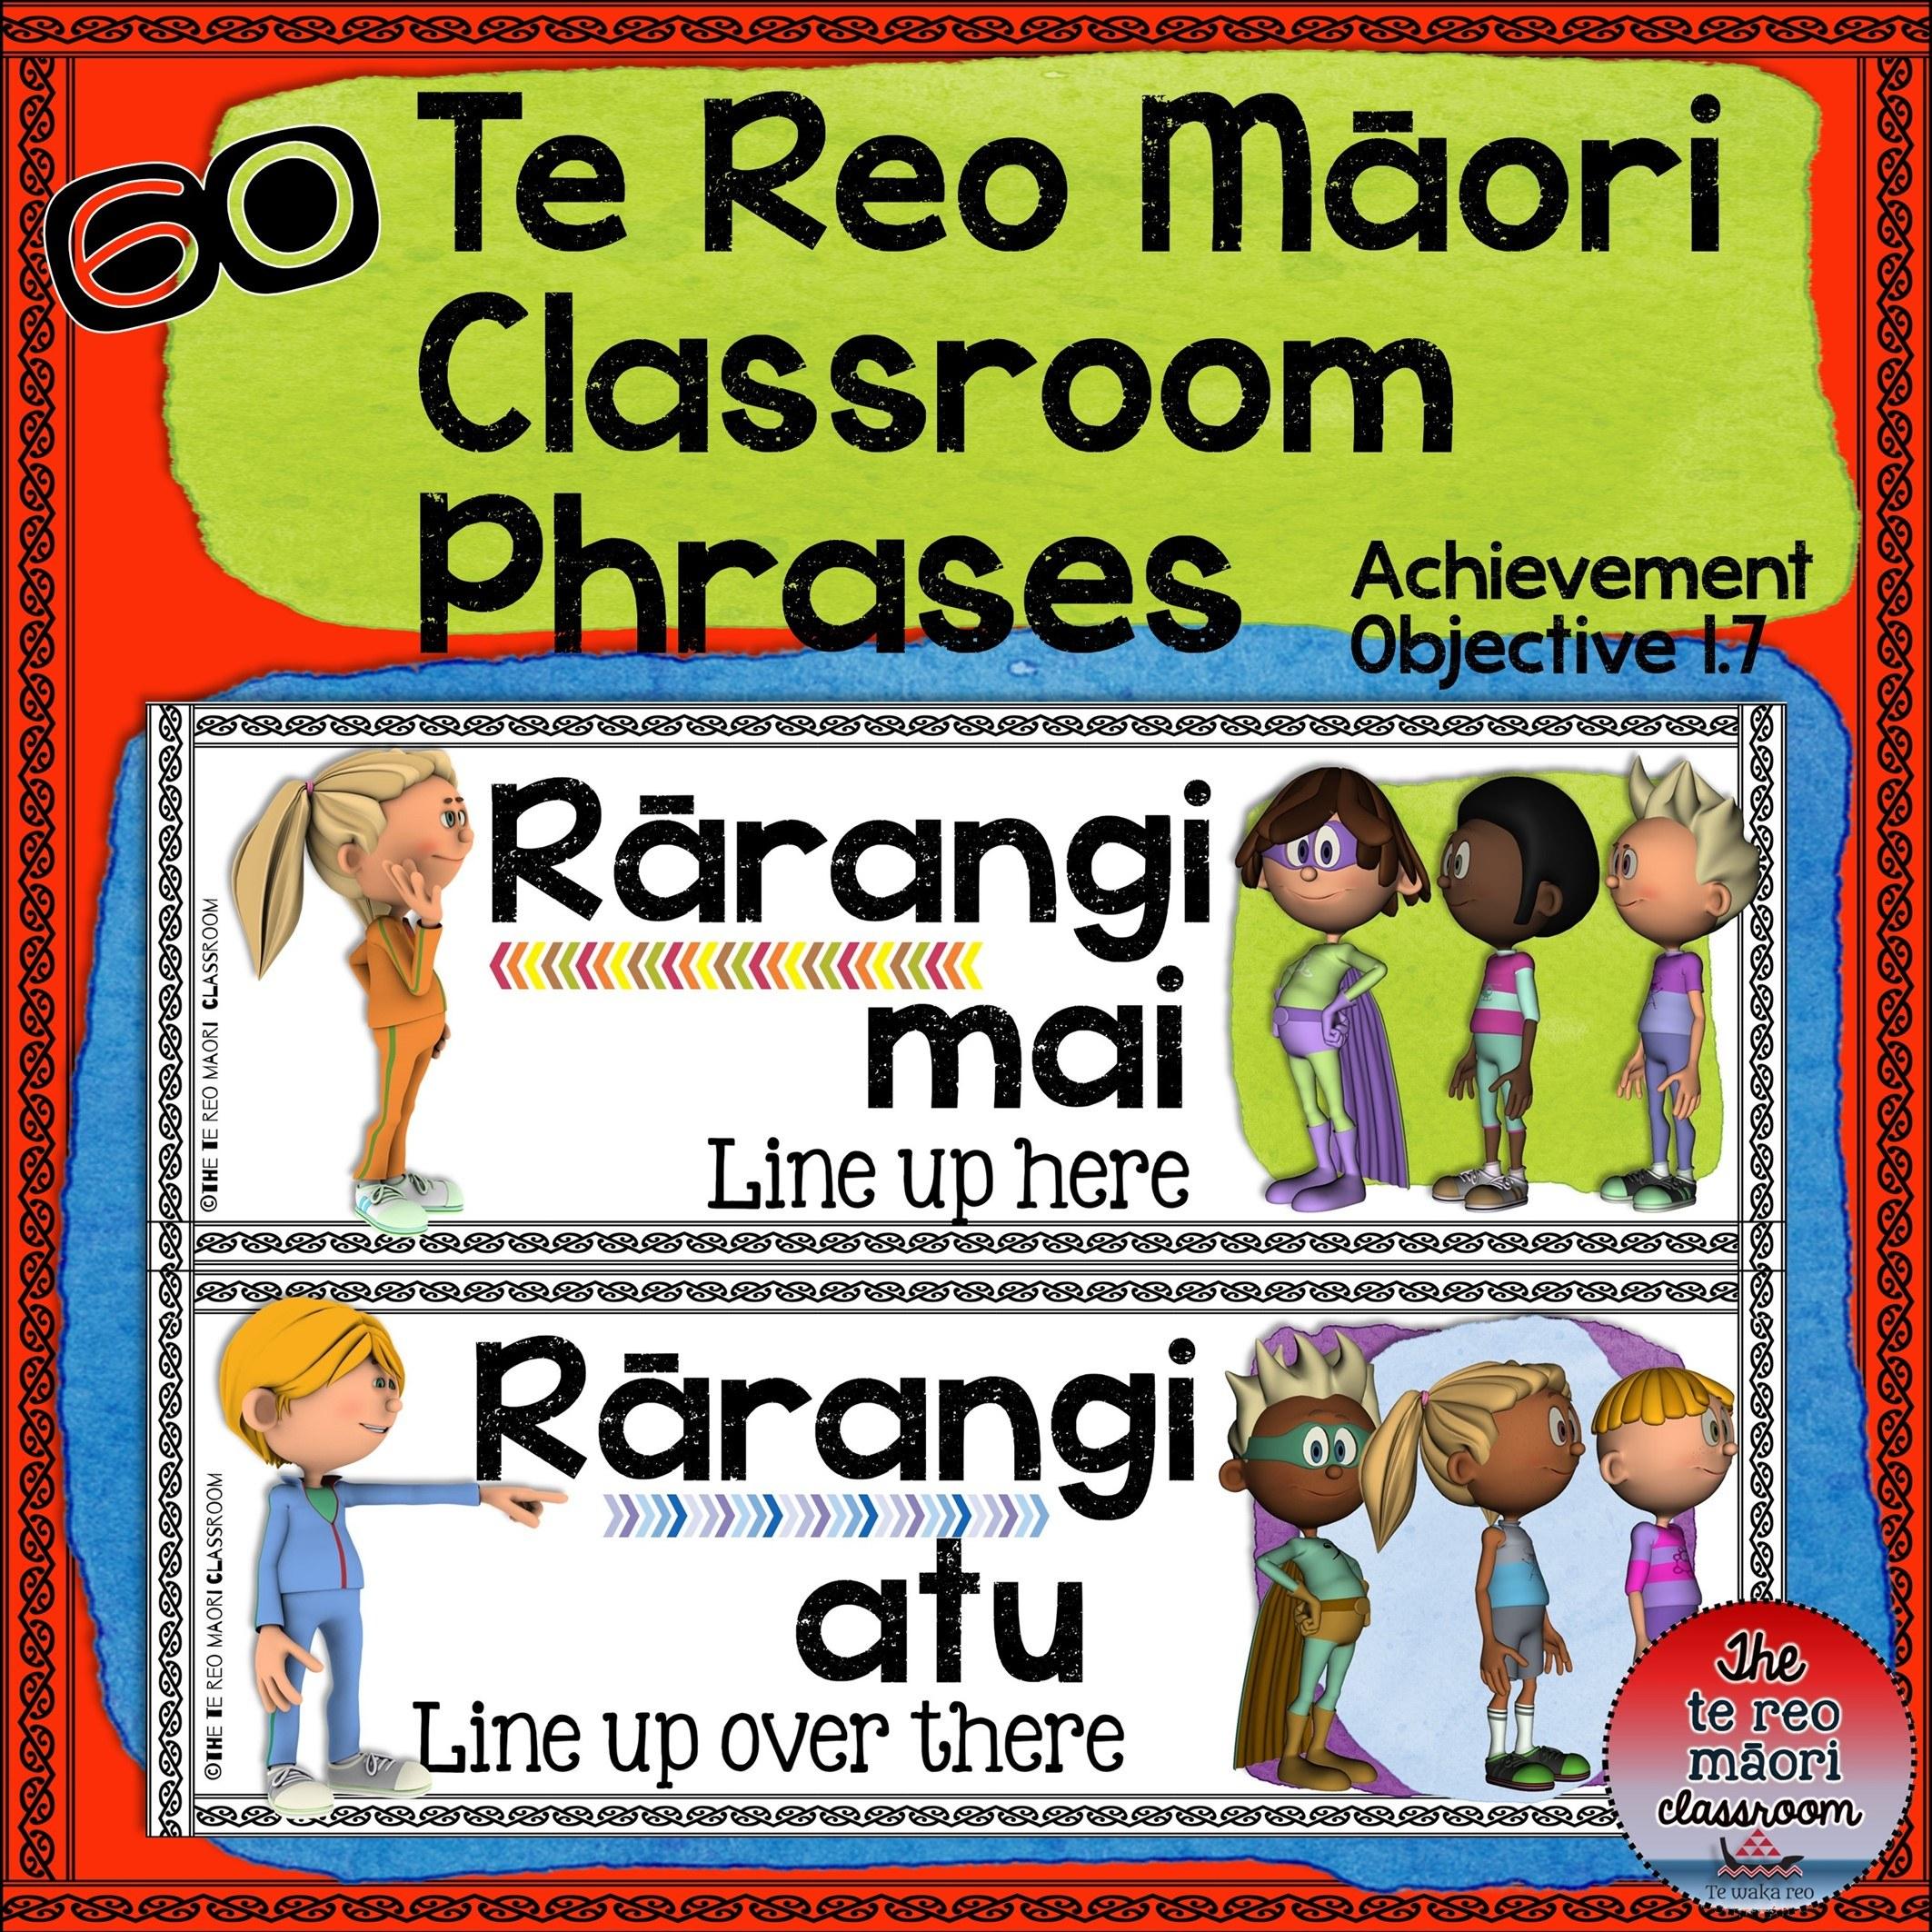 1.7 classroom phrases